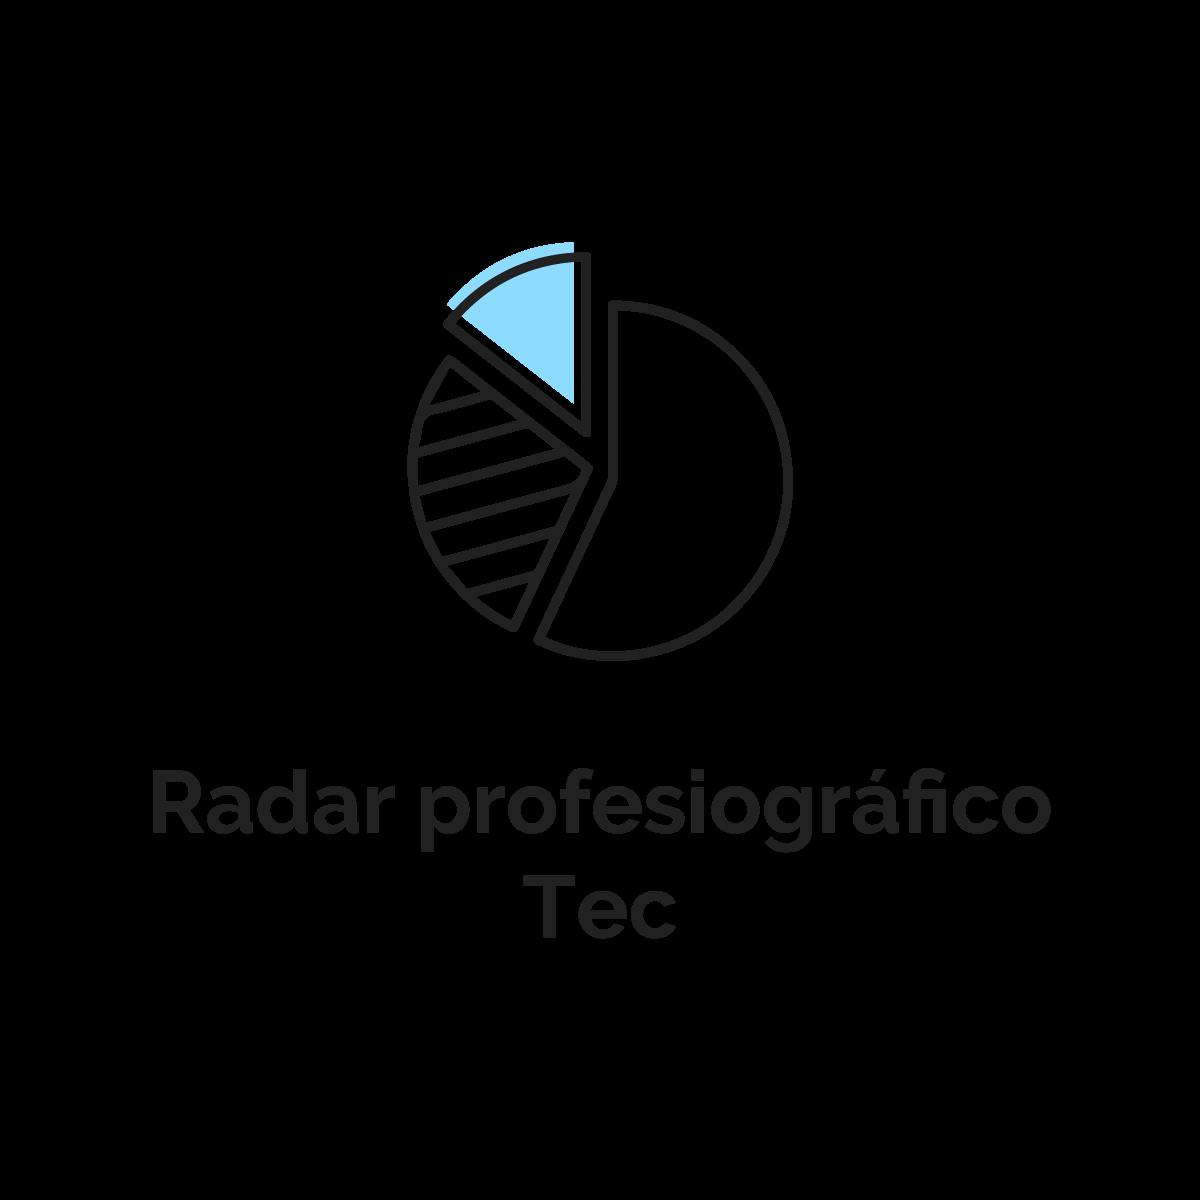 Radar profesiográfico Tec